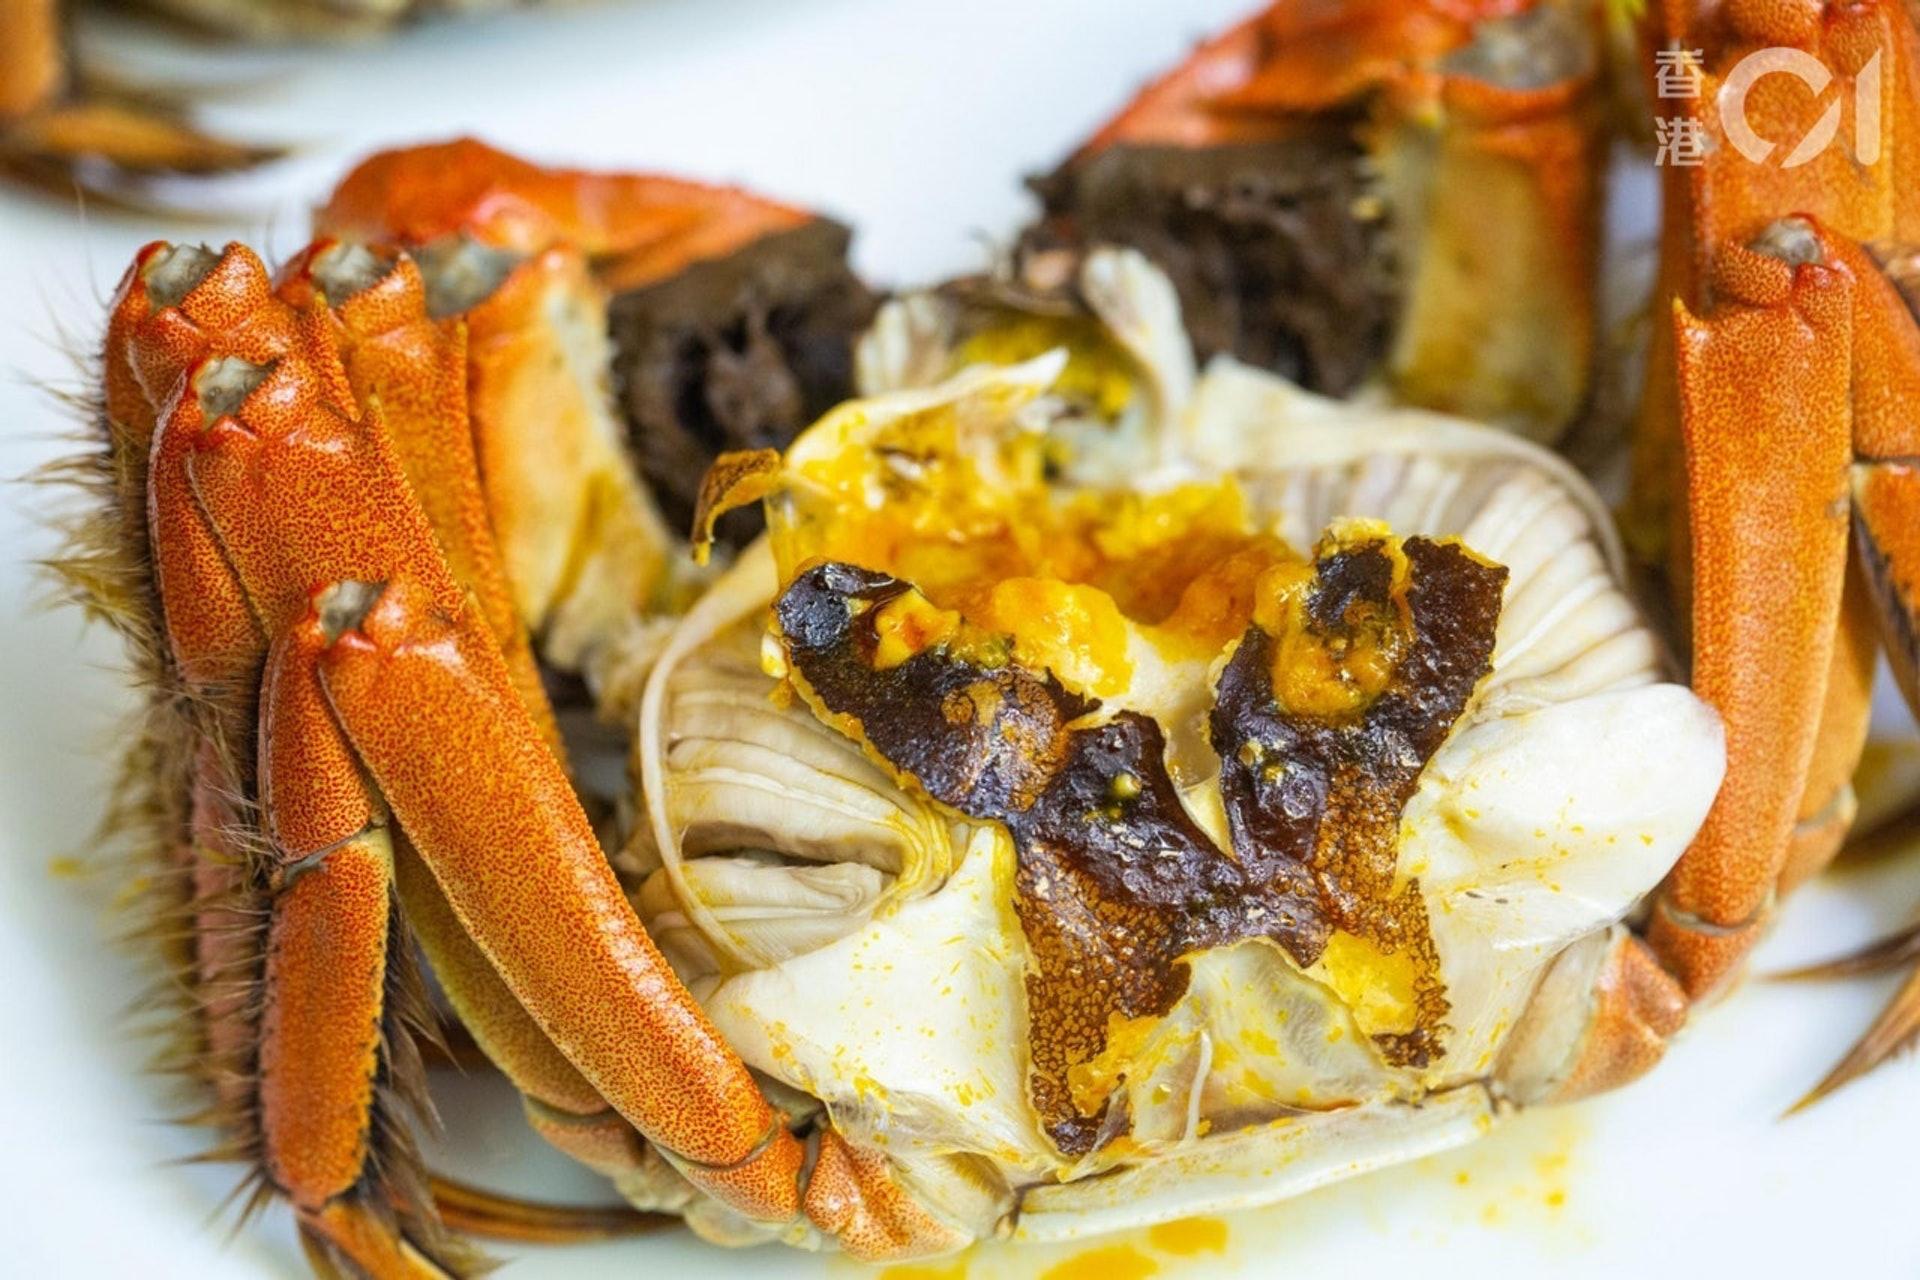 女士月經前亦不要吃太多大閘蟹,因太寒涼的食品會使經痛加劇及月經不順暢。(資料圖片/歐嘉樂攝)